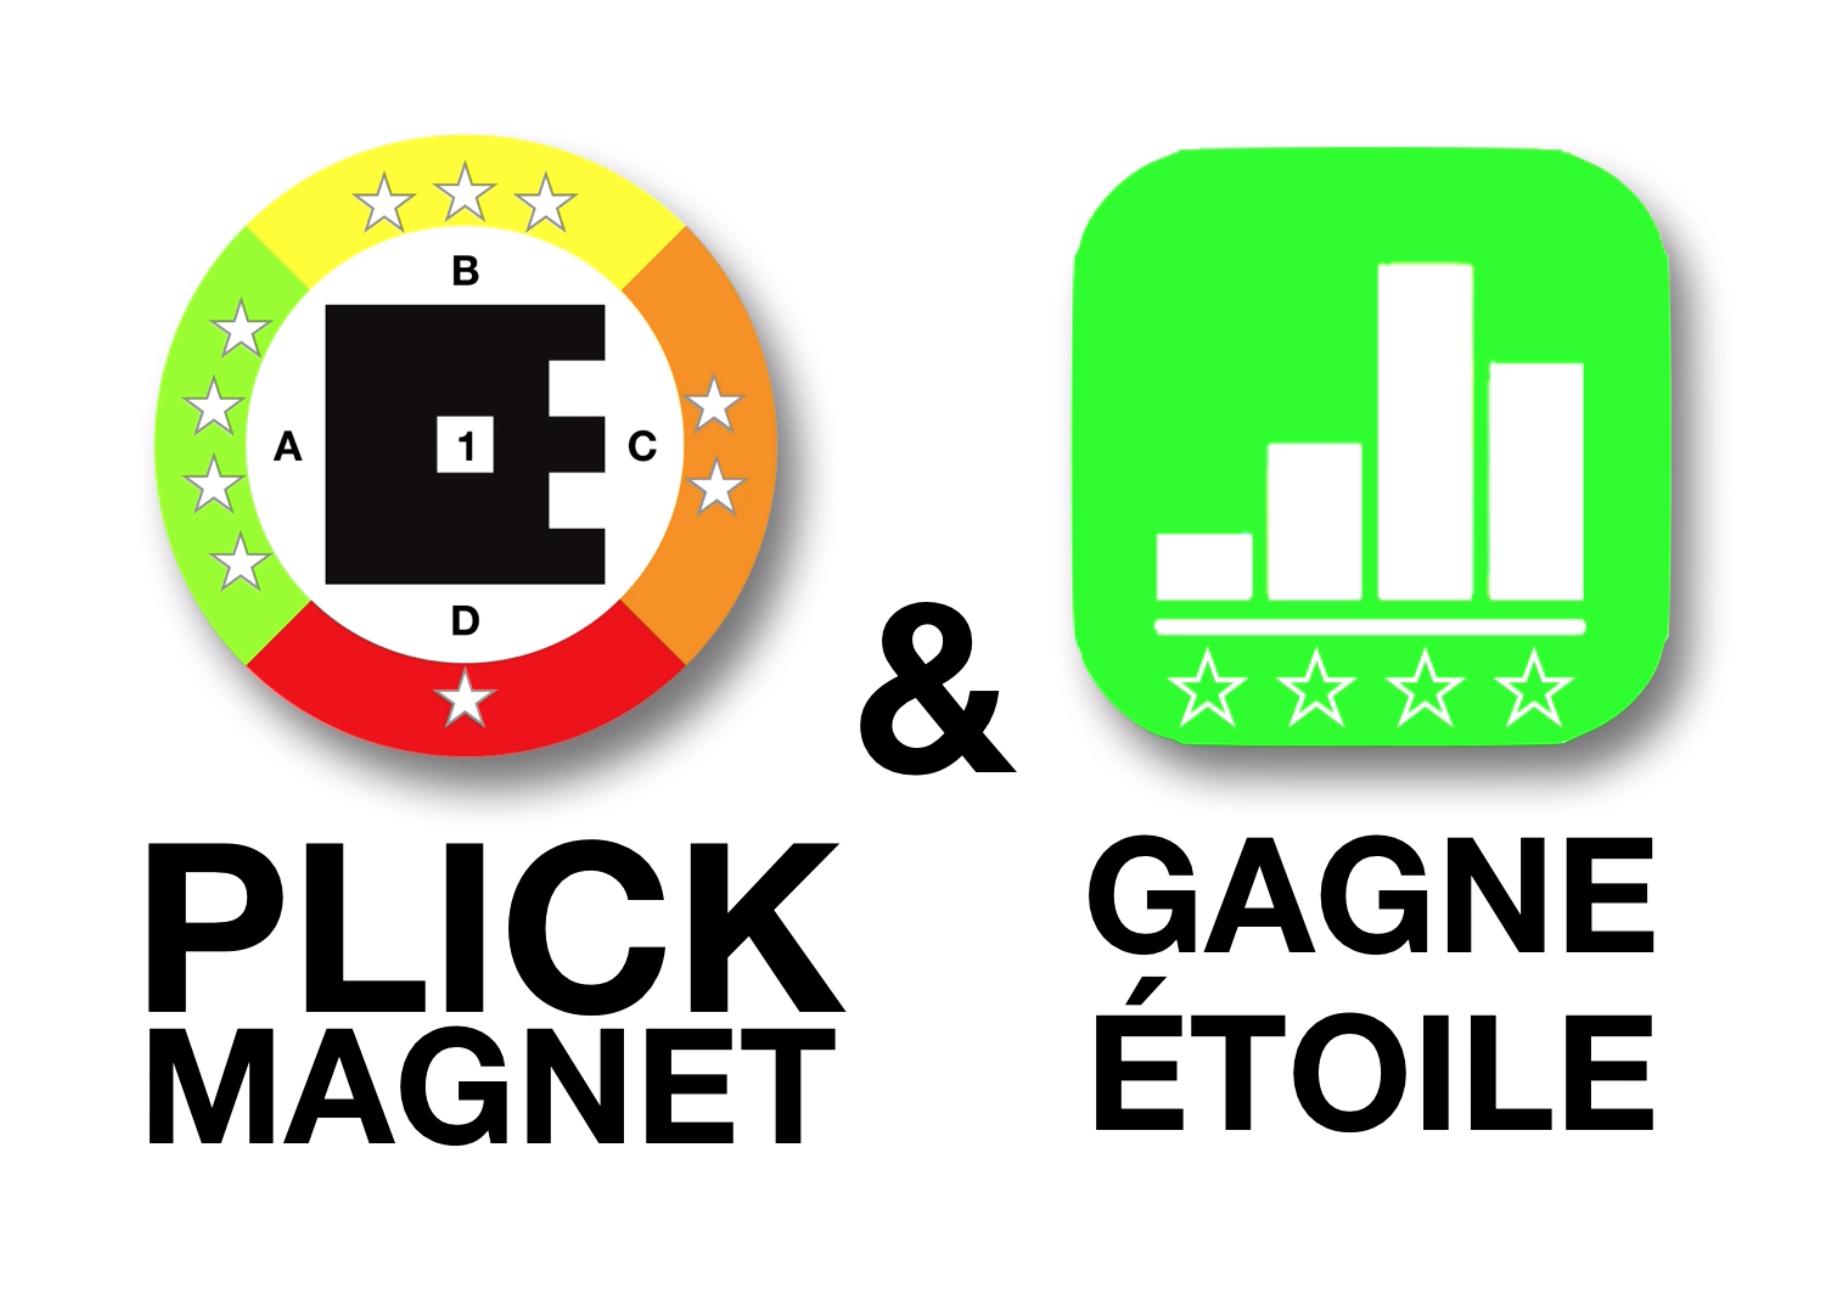 PlickMagnet et Le Gagne Etoile